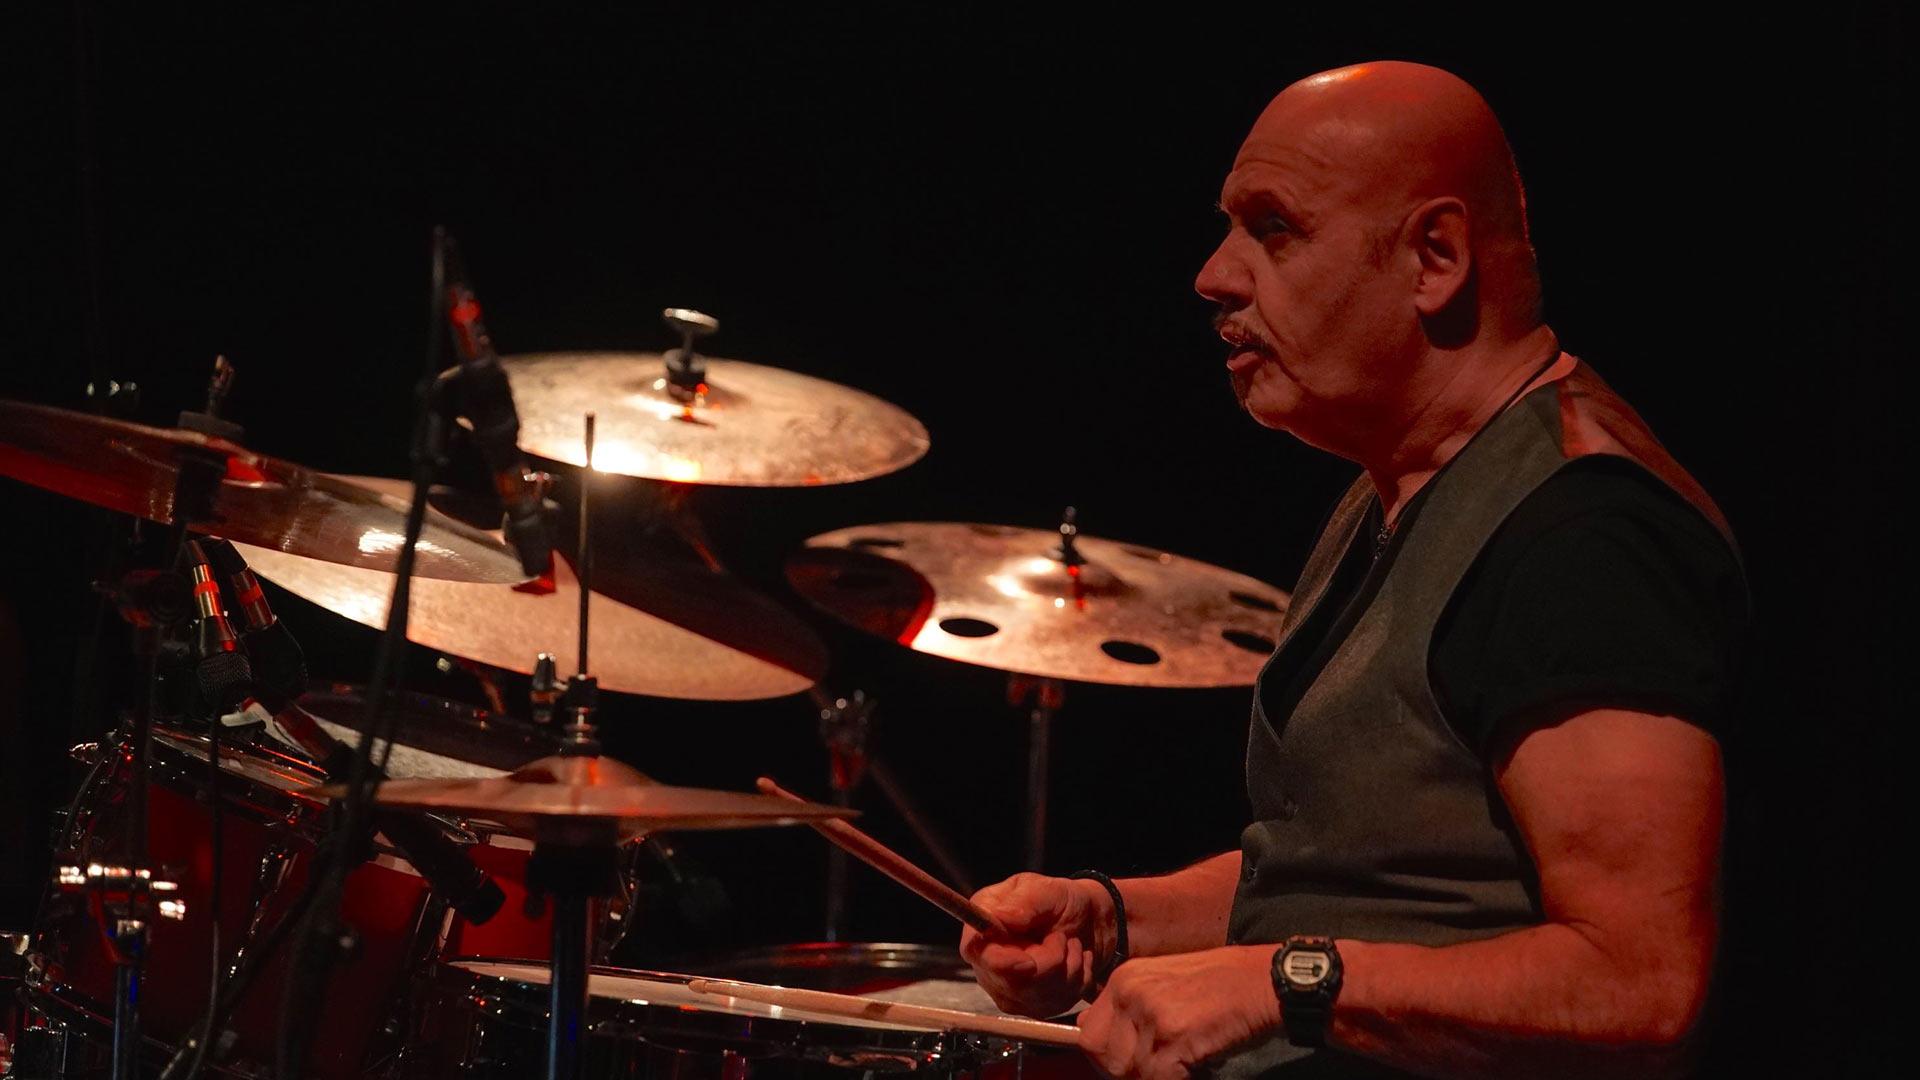 Roy Adams sits behind his red Yamaha drum kit and symbols